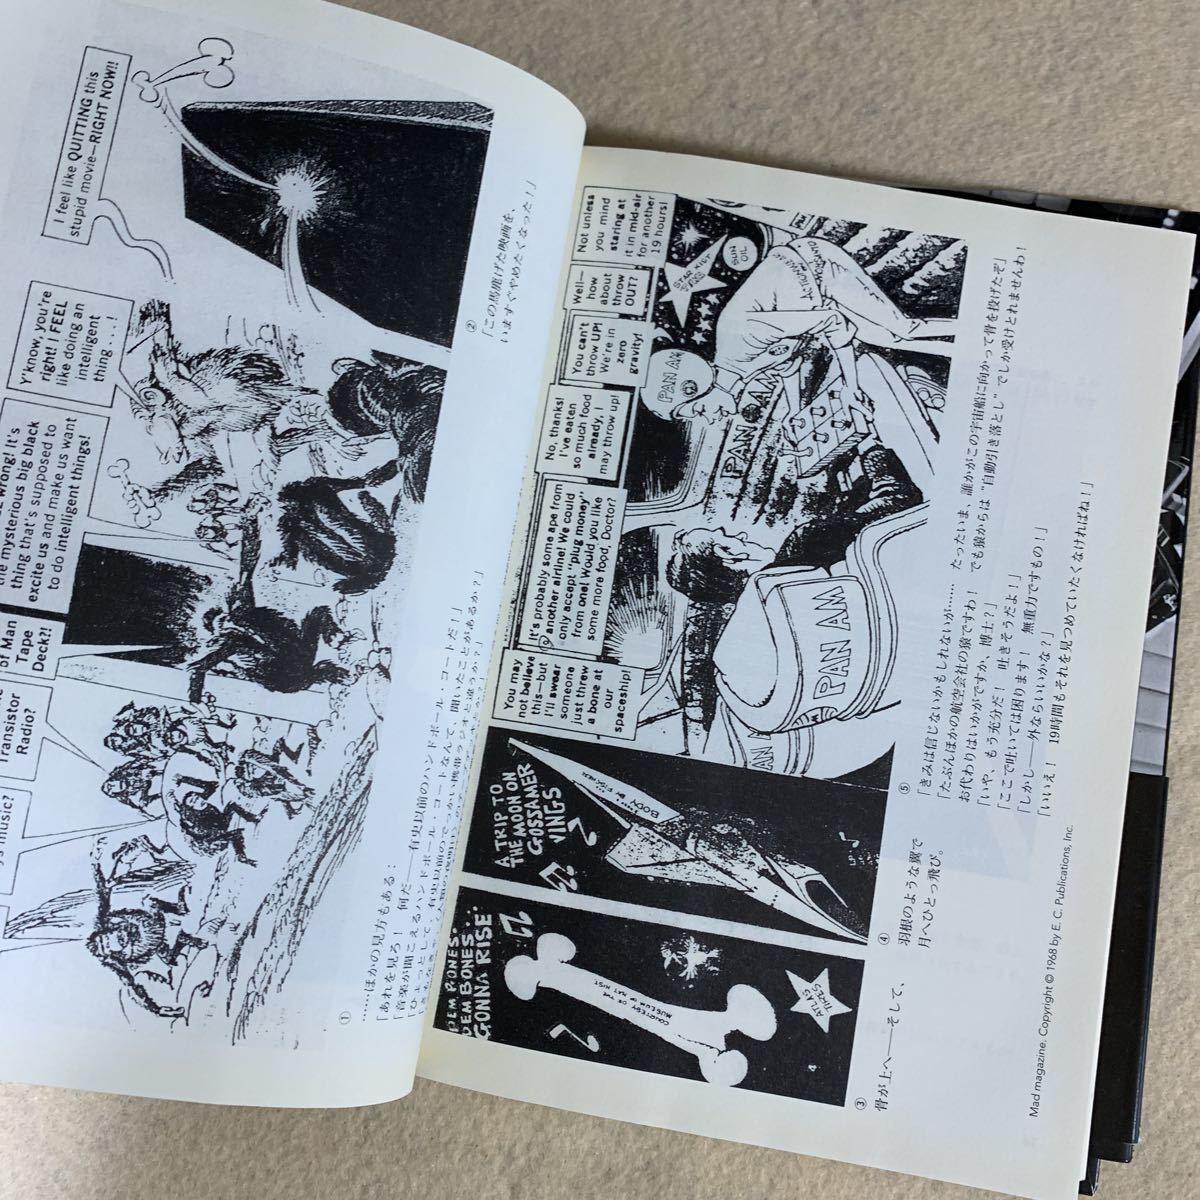 メイキング・オブ・2001年宇宙の旅 ジェローム・アジェル/編 ソニーマガジンズ 1998年 初版_画像8